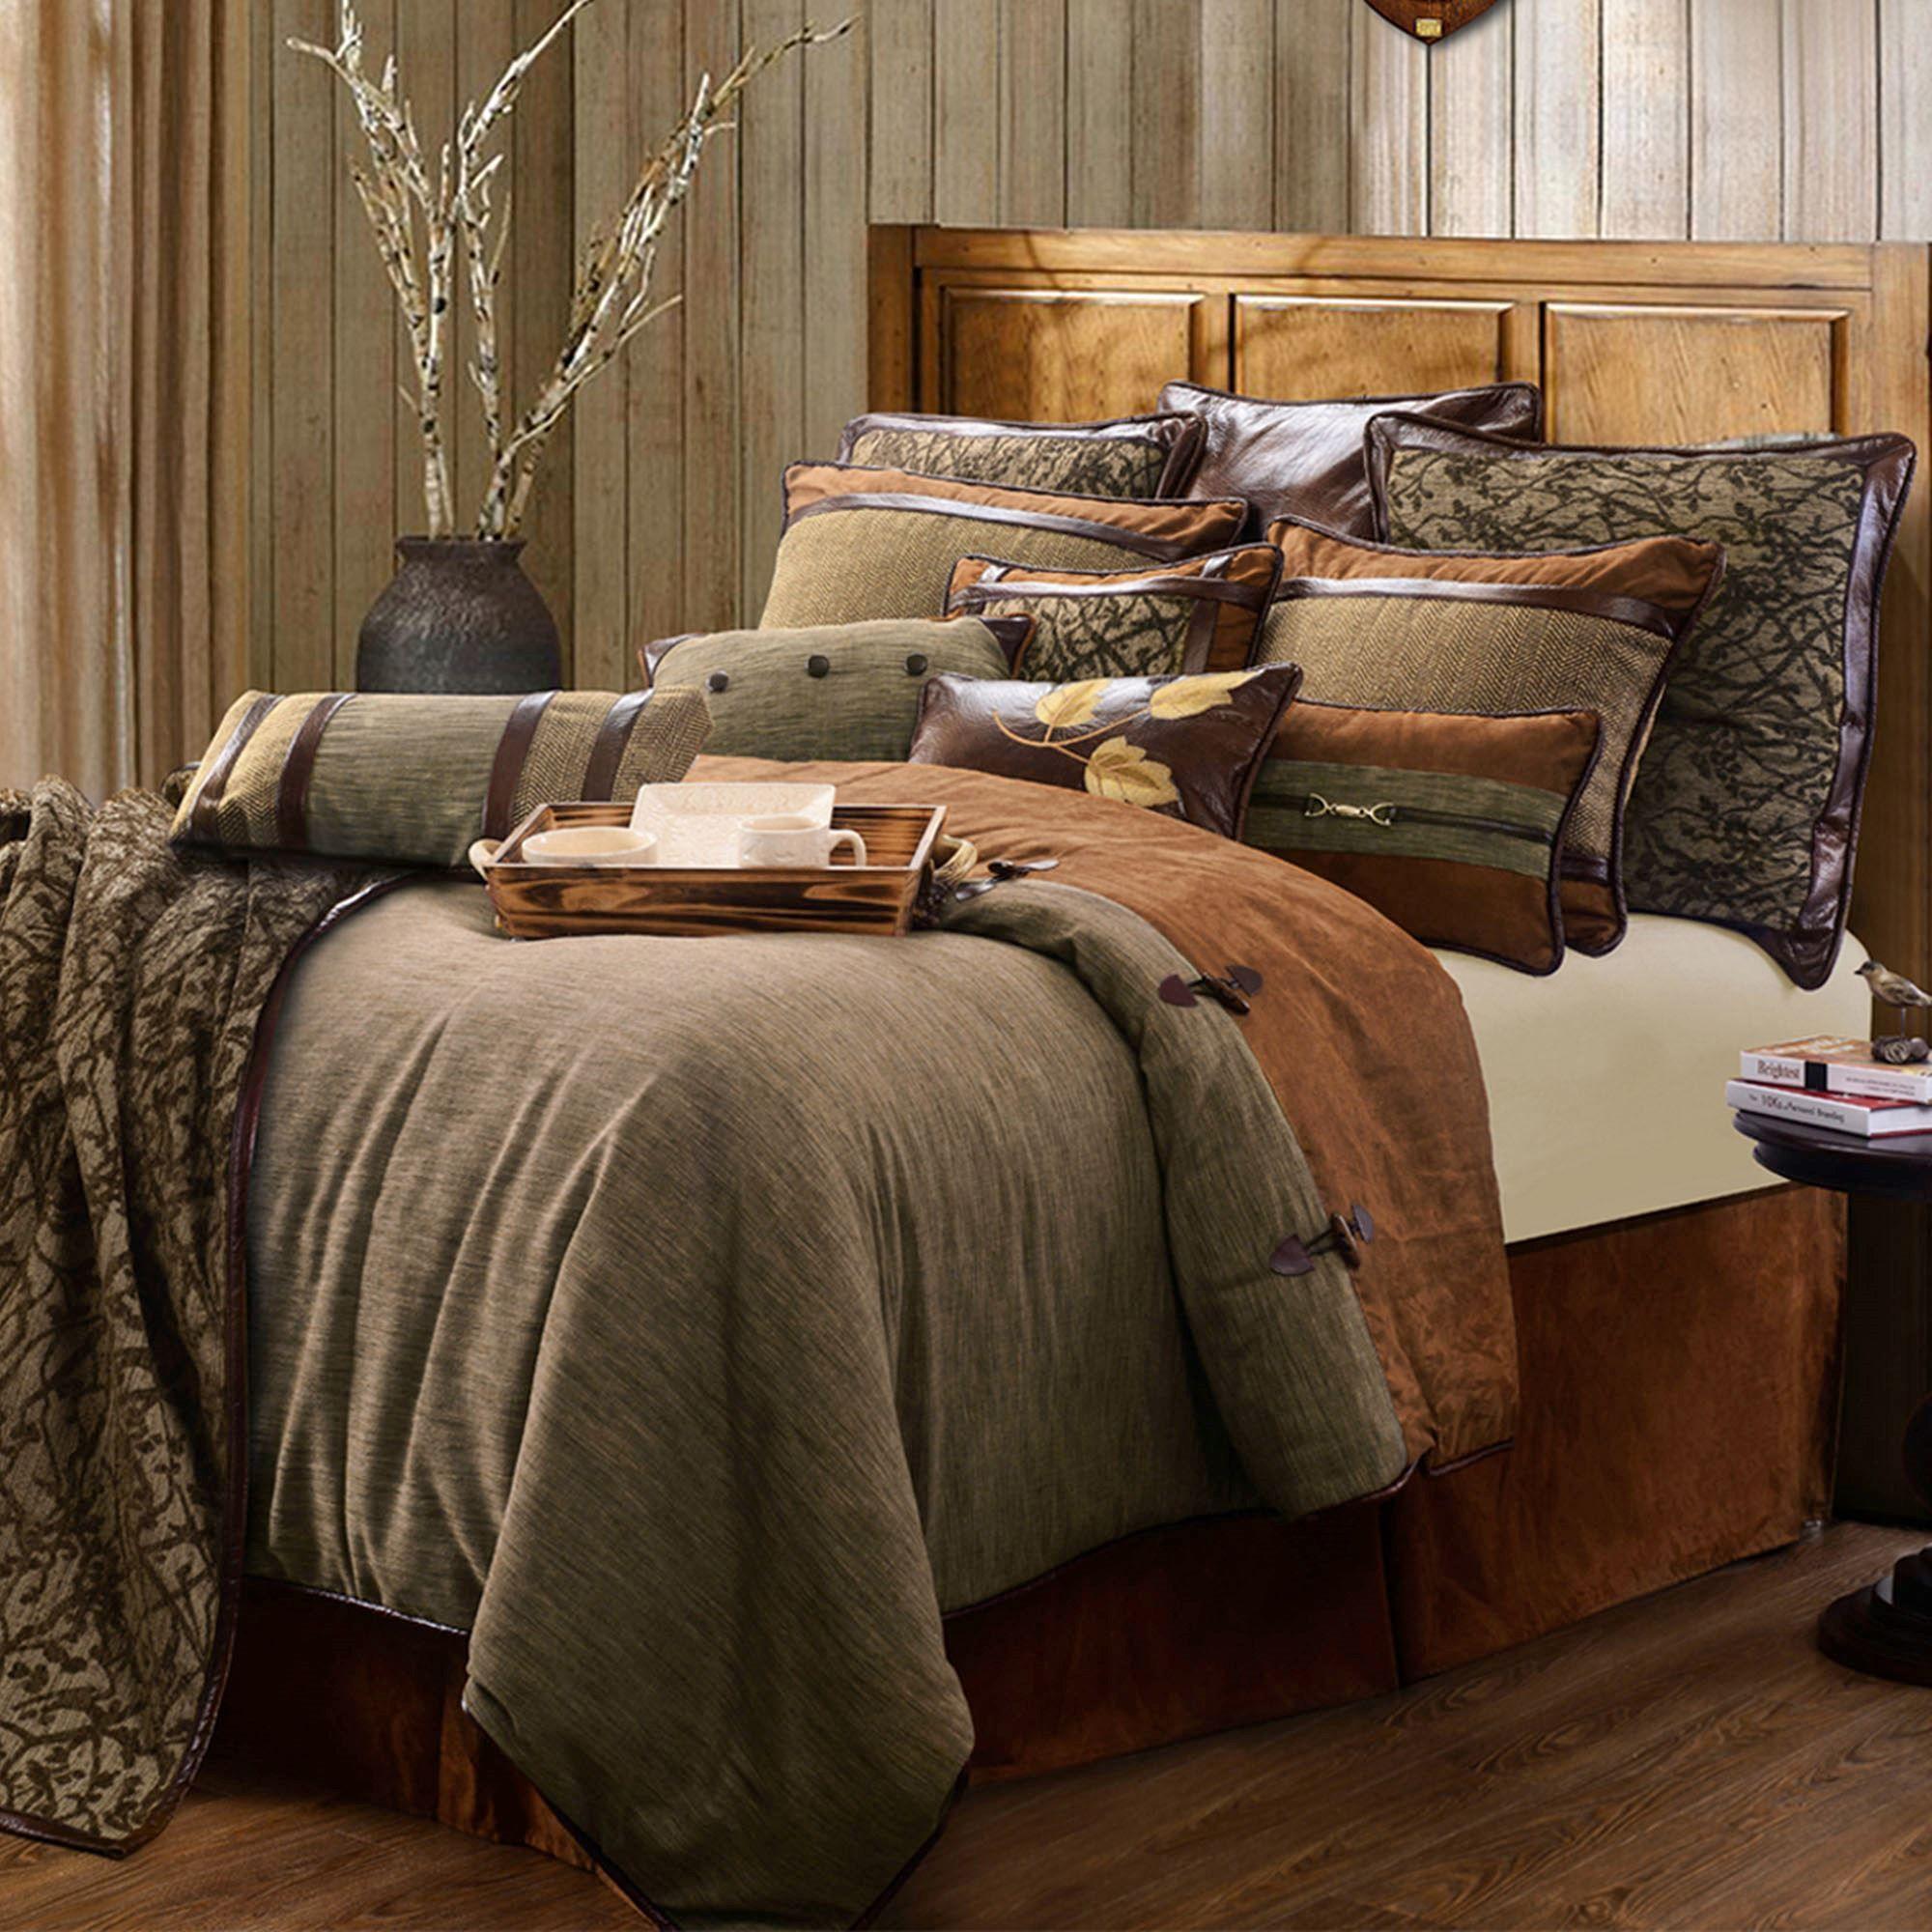 Highland Lodge 4-5 pc Comforter Bed Set